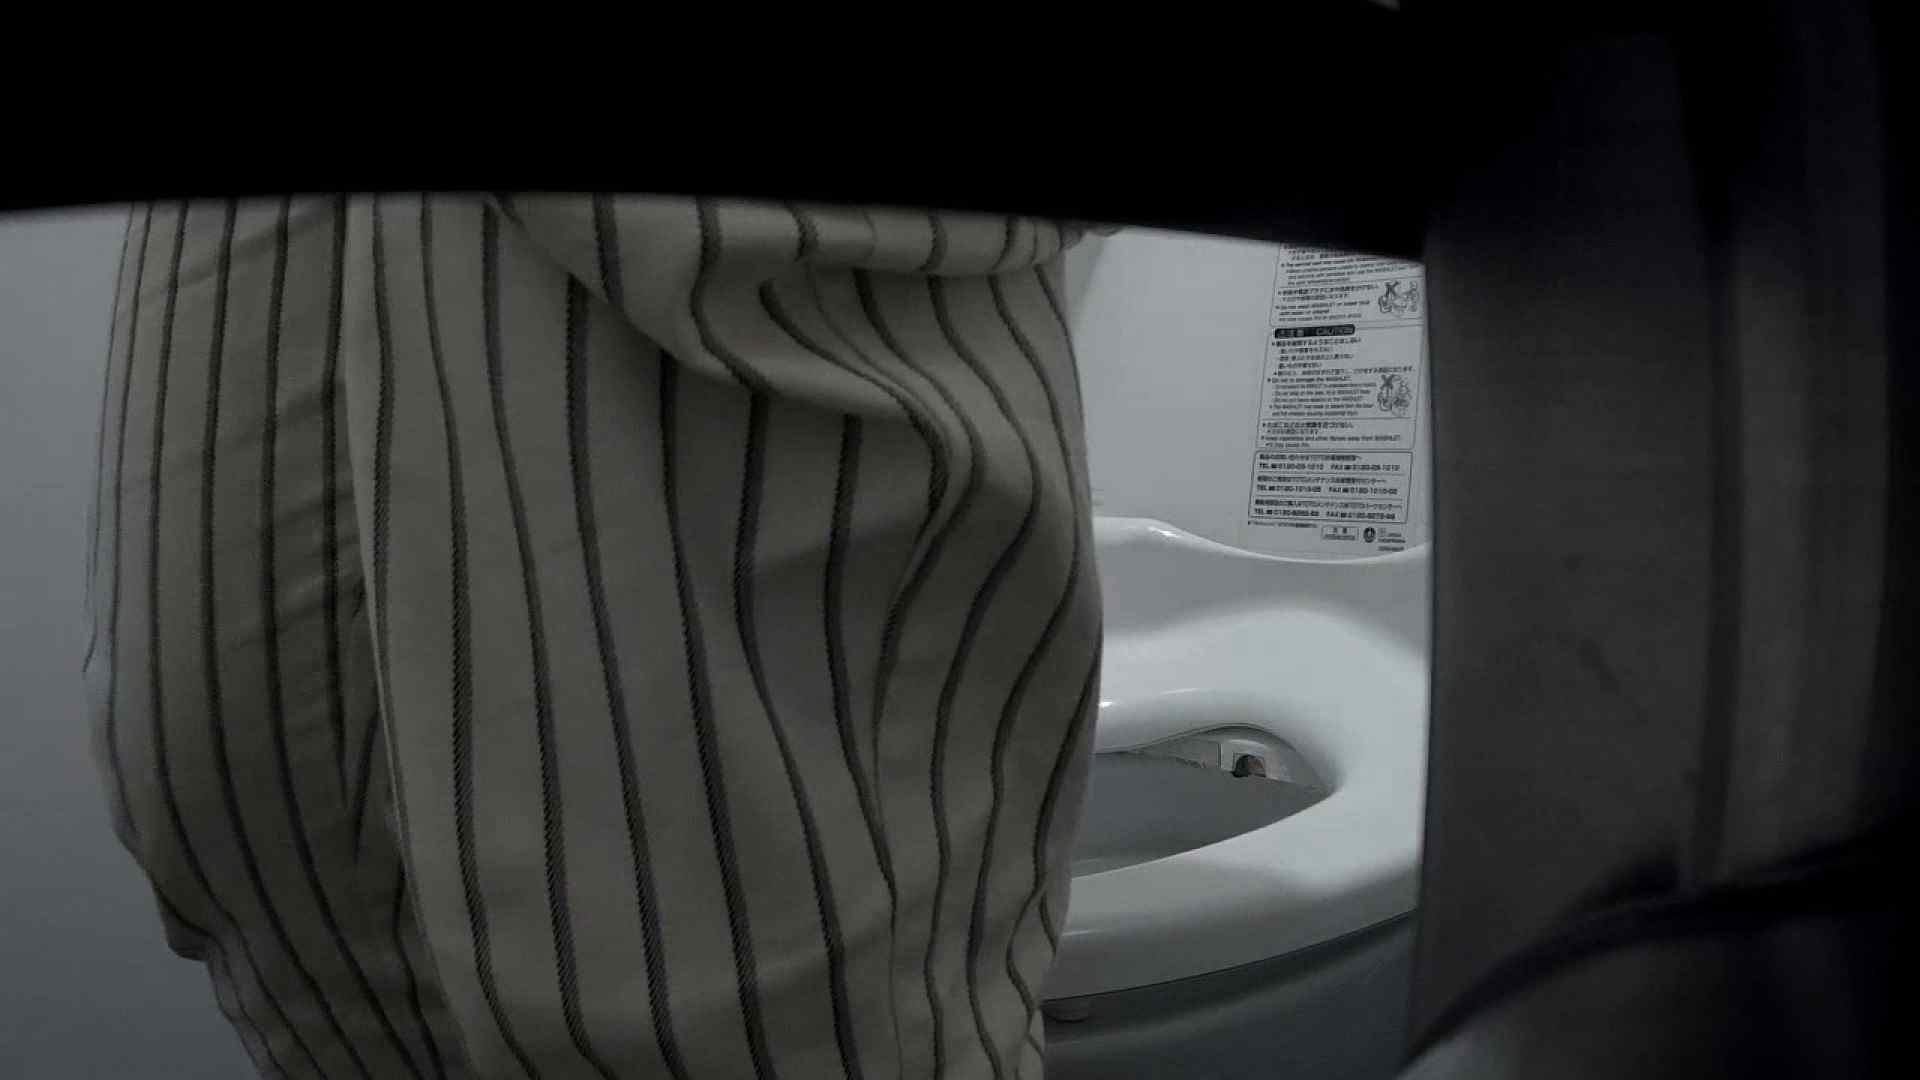 有名大学女性洗面所 vol.39 スッゴクド派手な勝負パンツ!1名+7名 和式 隠し撮りセックス画像 107画像 64